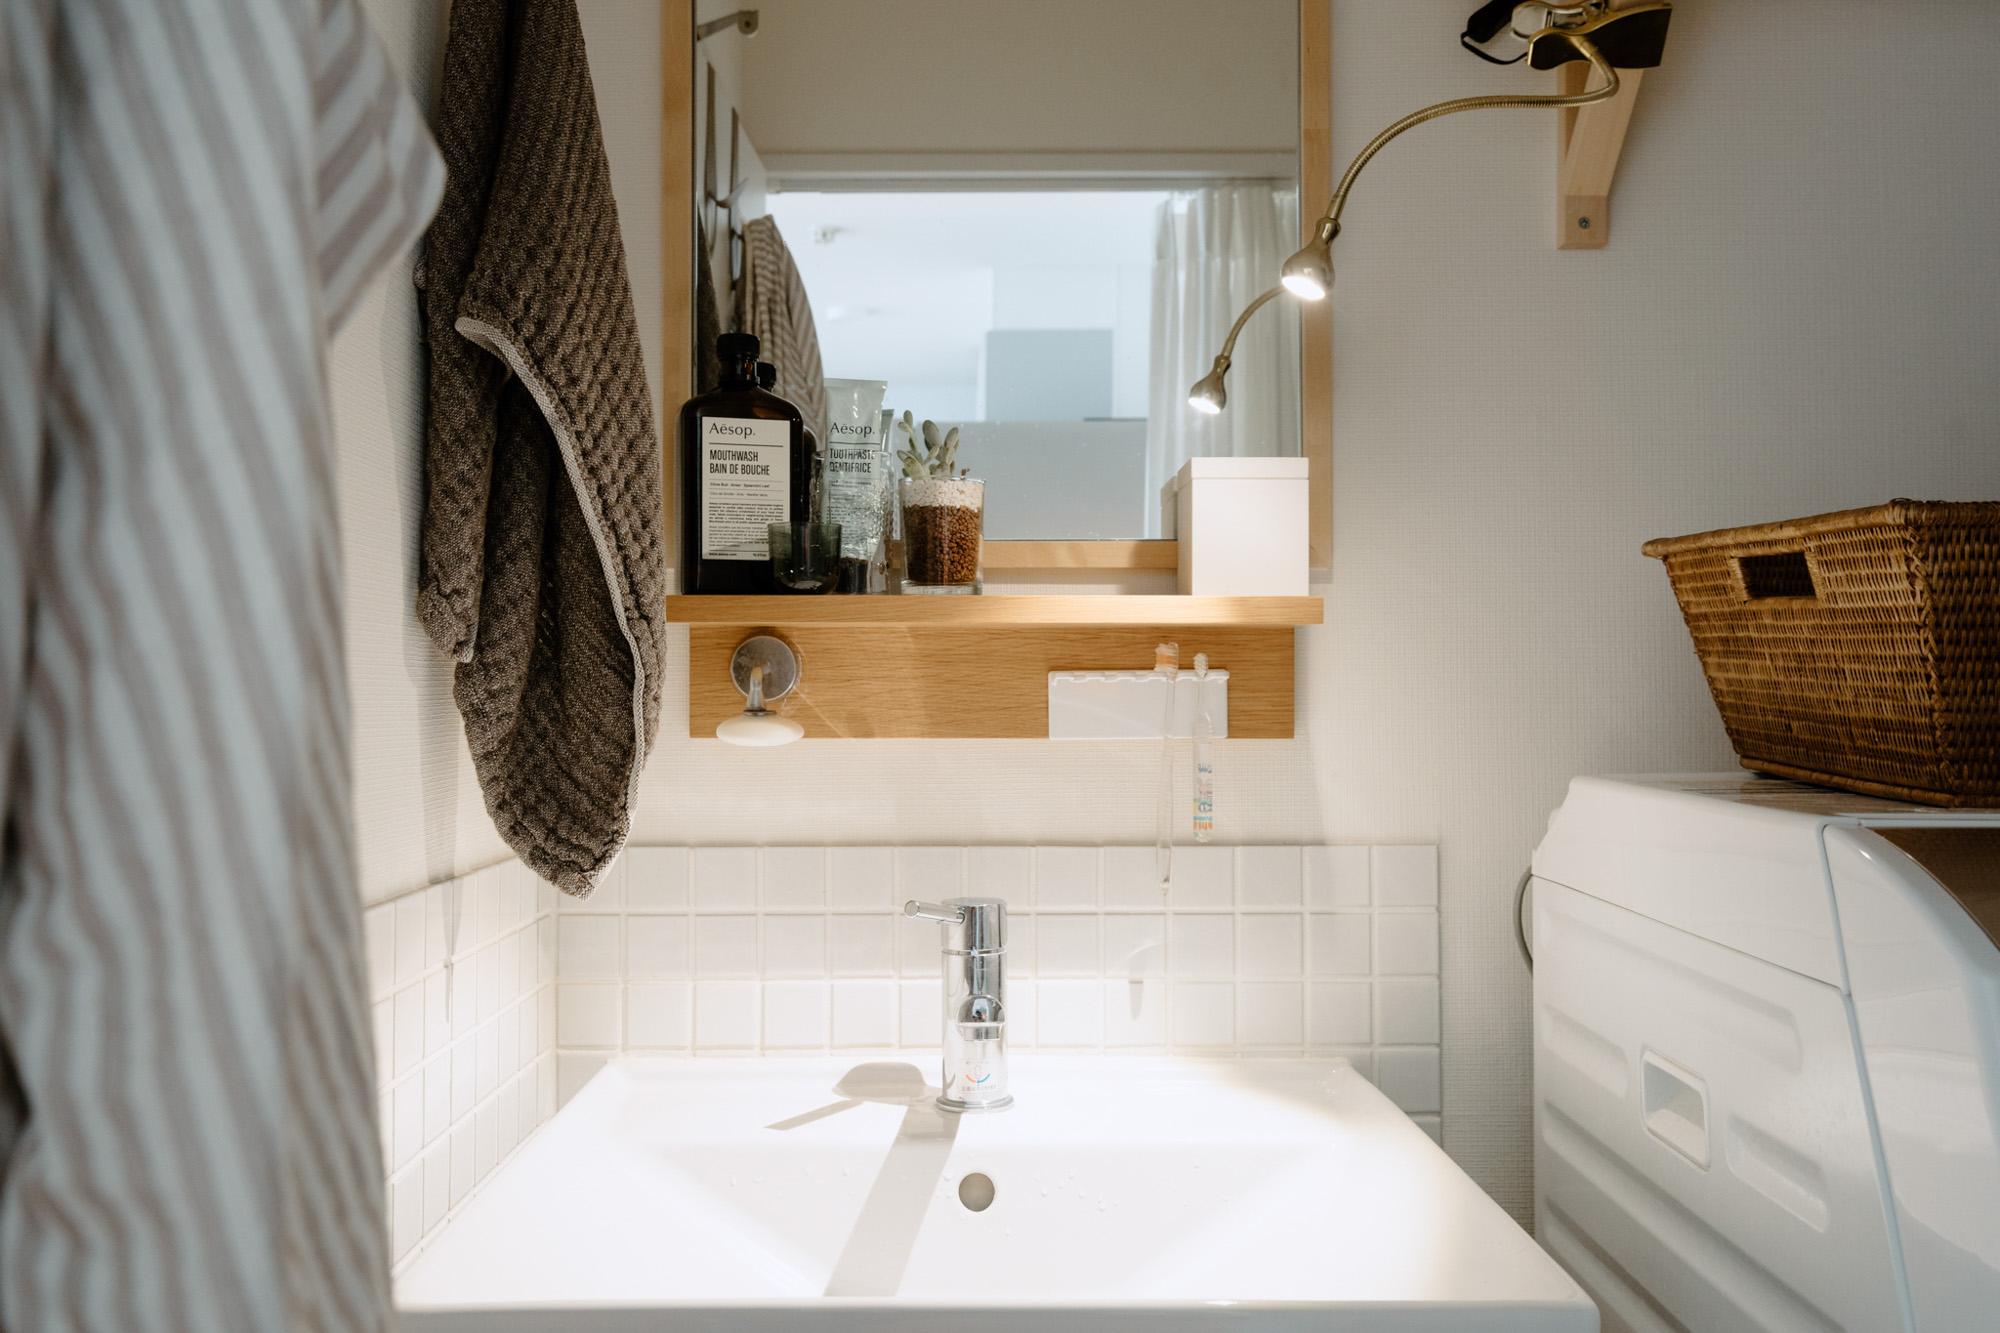 洗面所にも小さなLEDライトで照明をプラス。ガラスやタイルに照明を当てると、おしゃれな雰囲気になるとのこと。